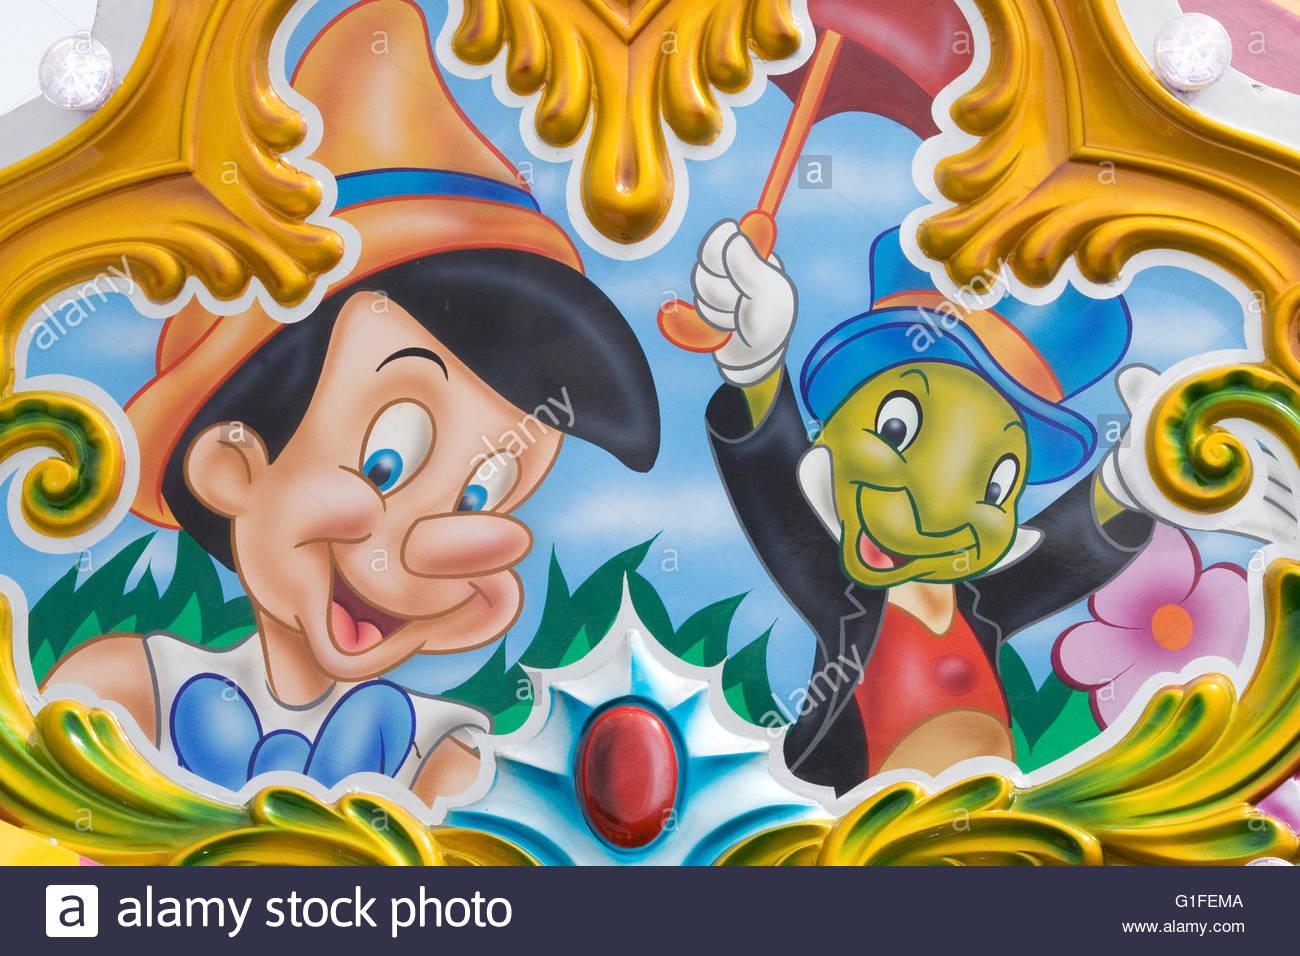 Walt disney cartoni animati su una fiera ride foto immagine